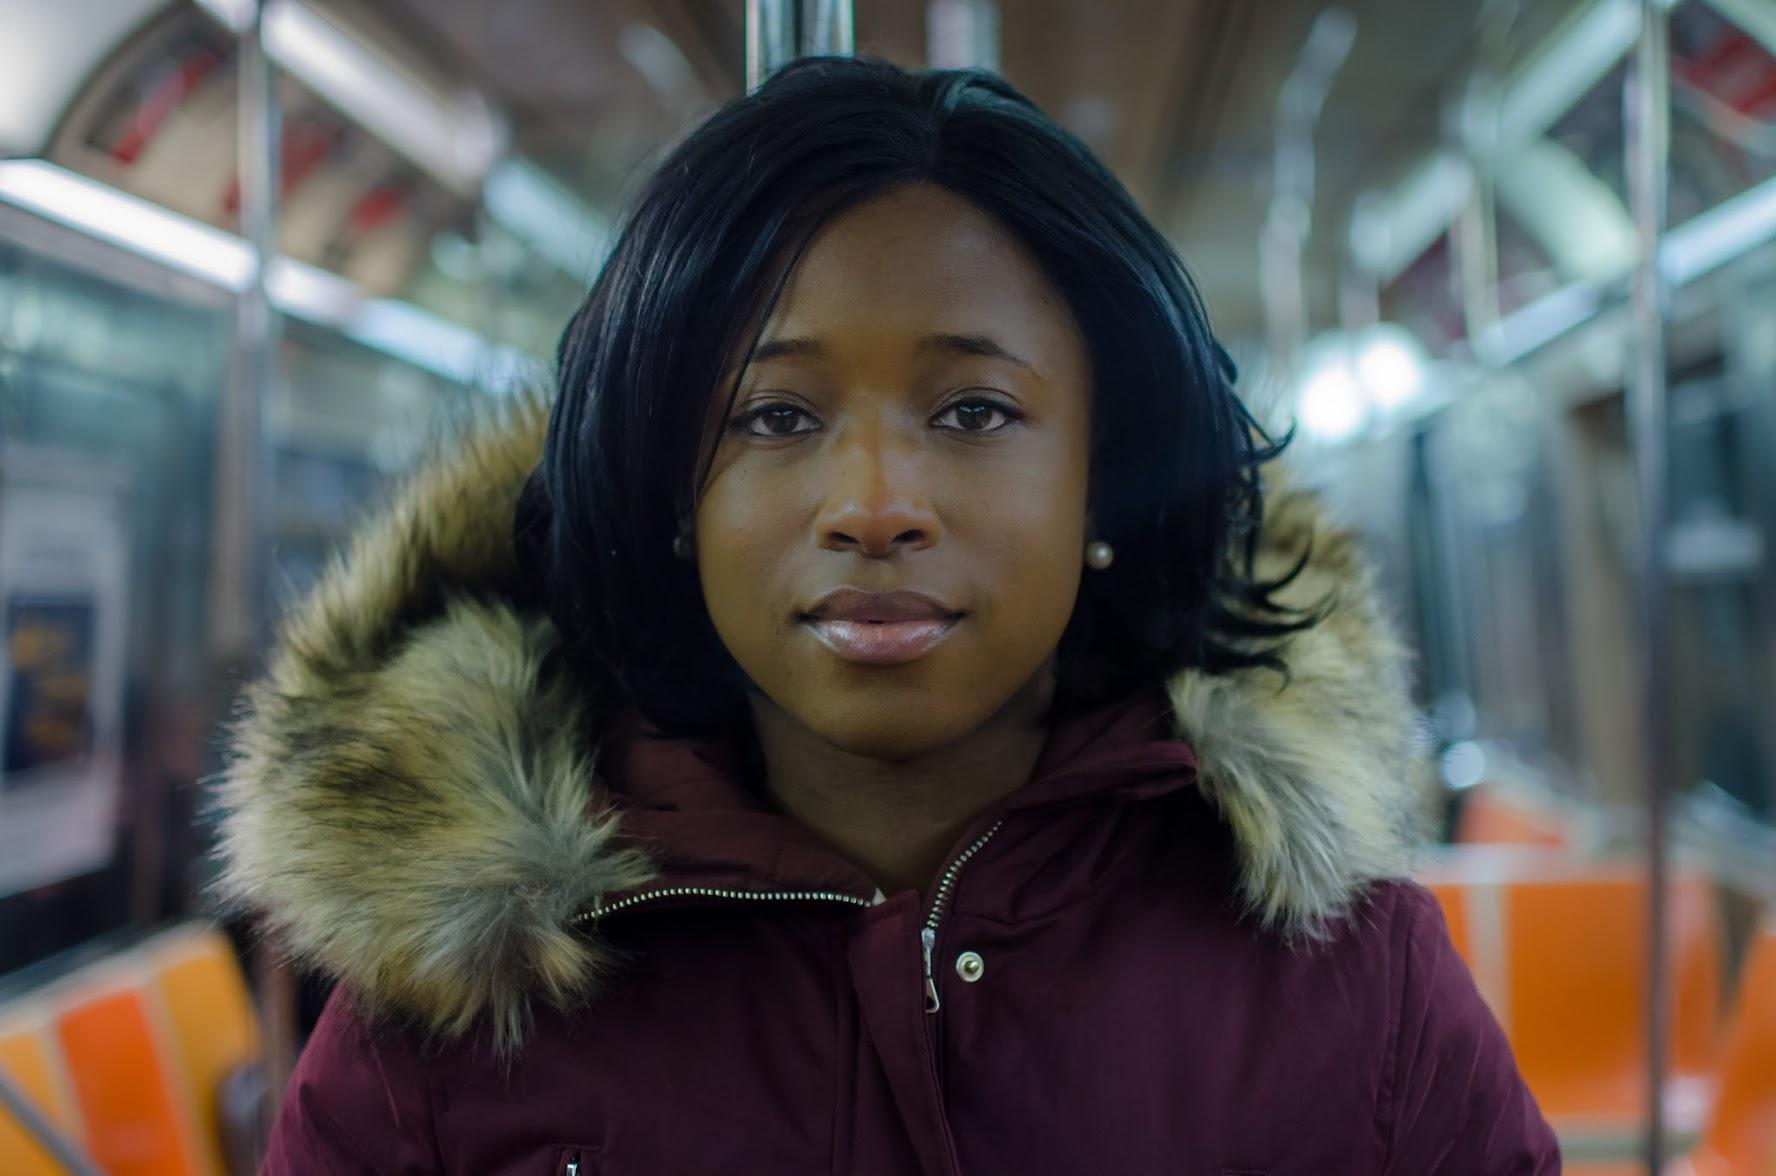 Harlem Subway